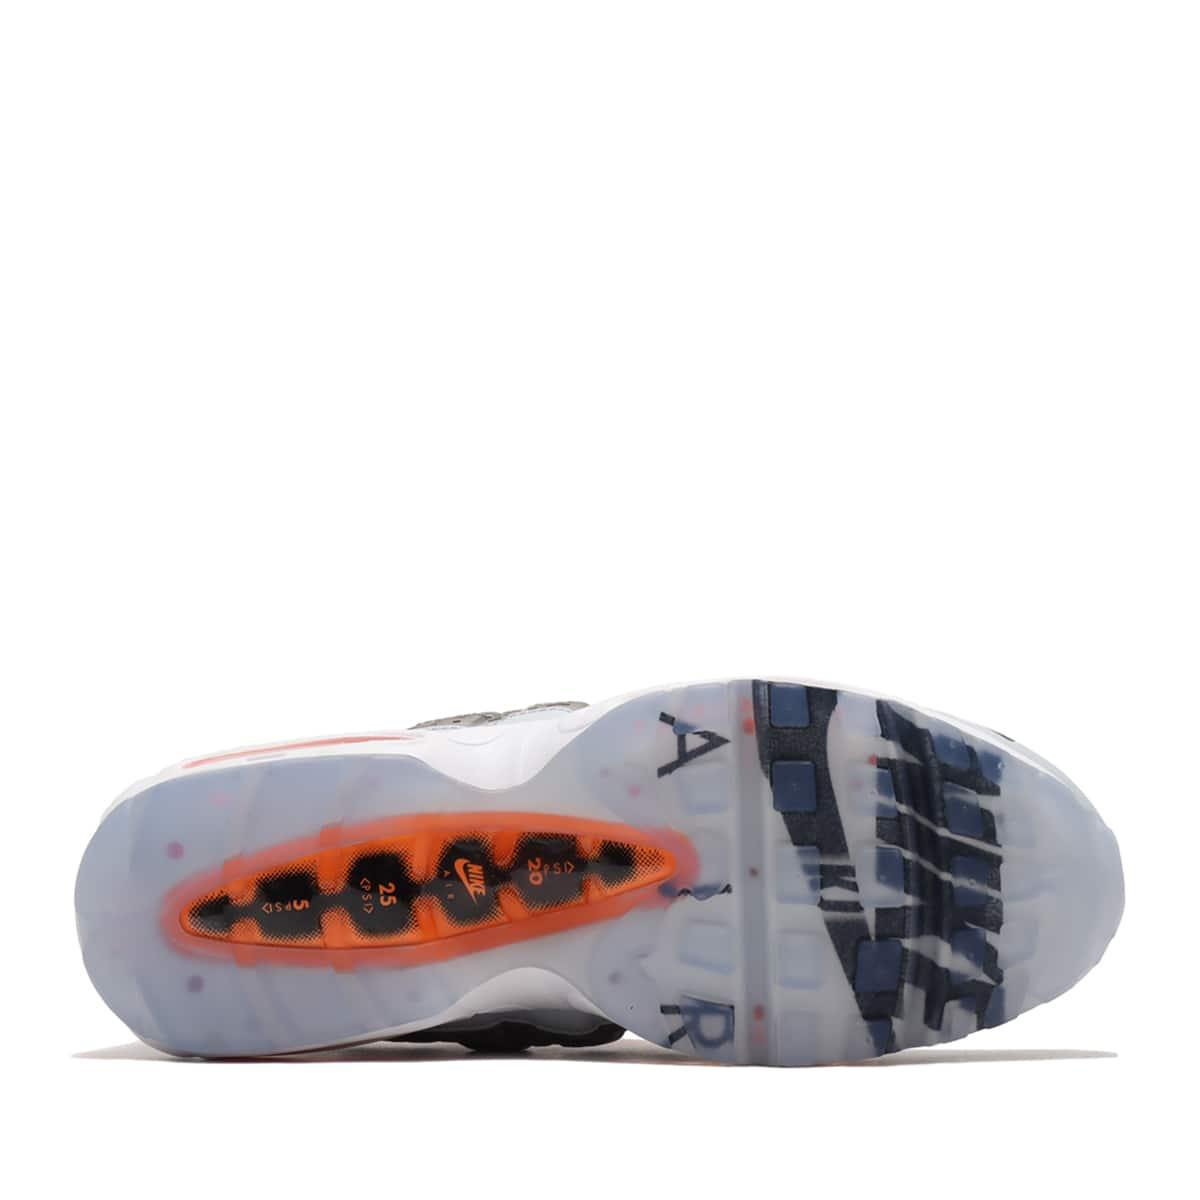 NIKE AIR MAX 95 / KIM JONES 21SP-S